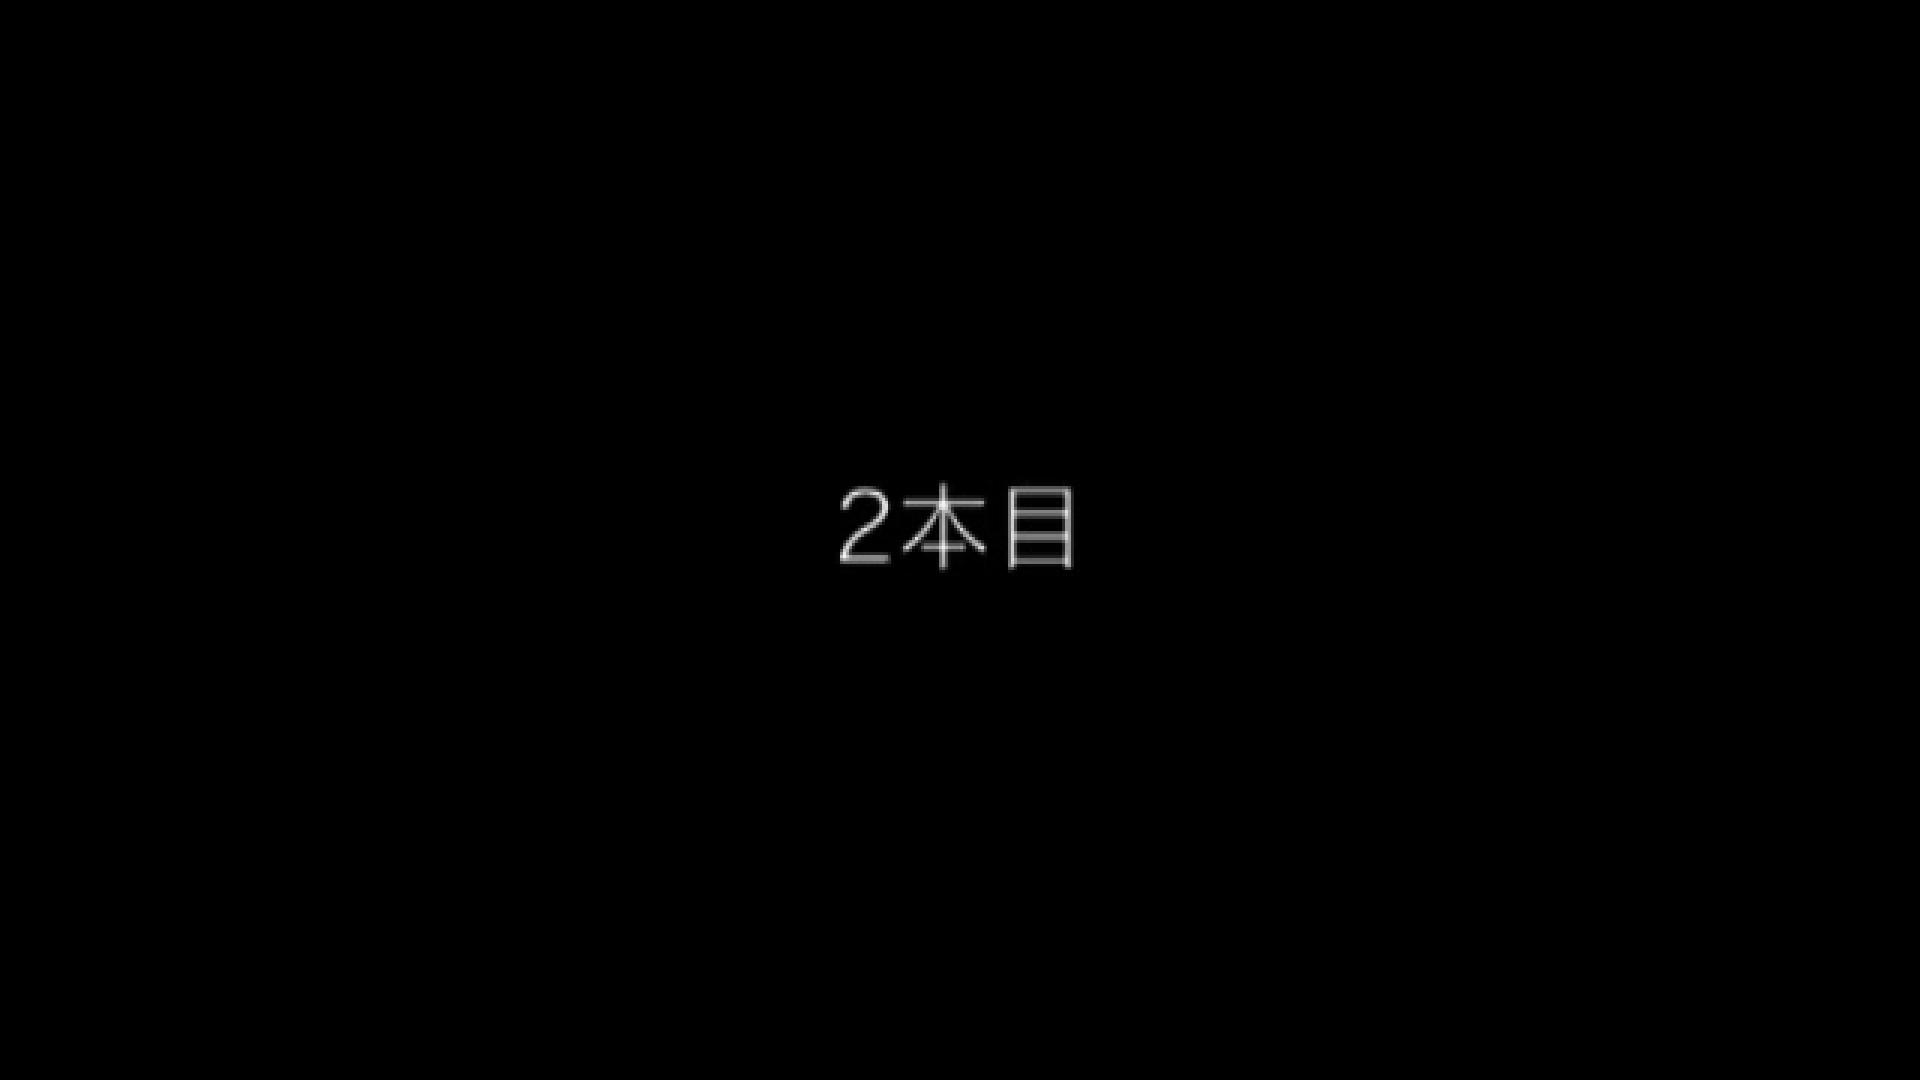 ドラゴン2世 チャラ男の個人撮影 Vol.18 超かわいい彼女 ゆいか 18才 Part.09 未公開4作品 セックスエロ動画  105PIX 26